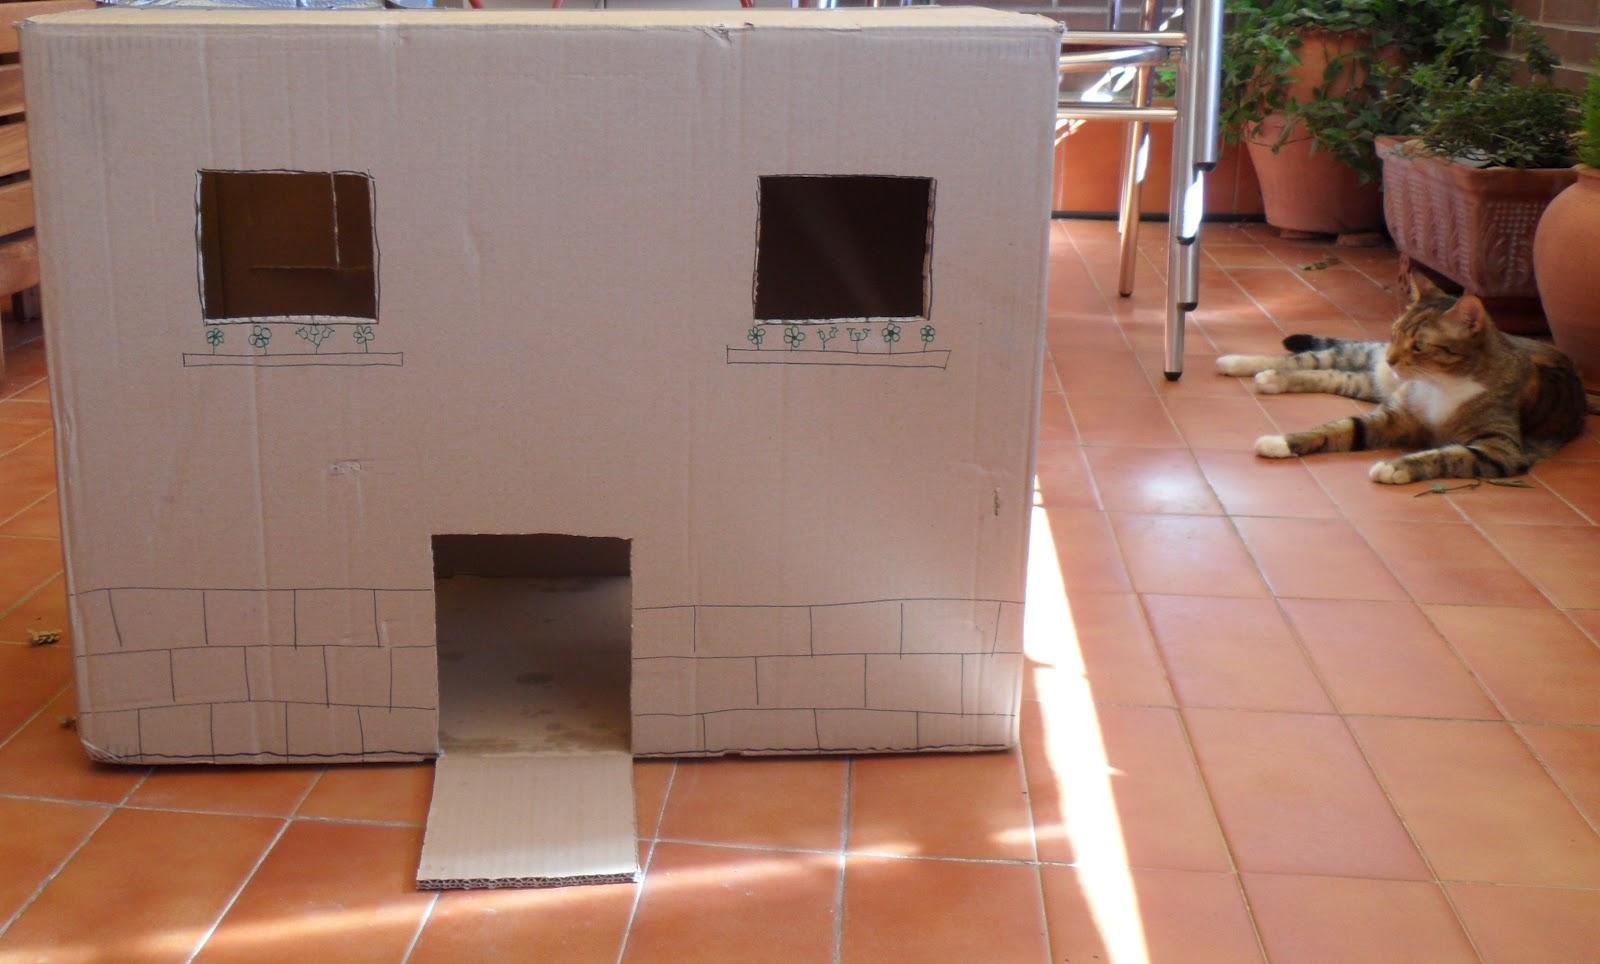 Gatos y gatunos erase una vez una caja de cart n en una for Como se disena una casa